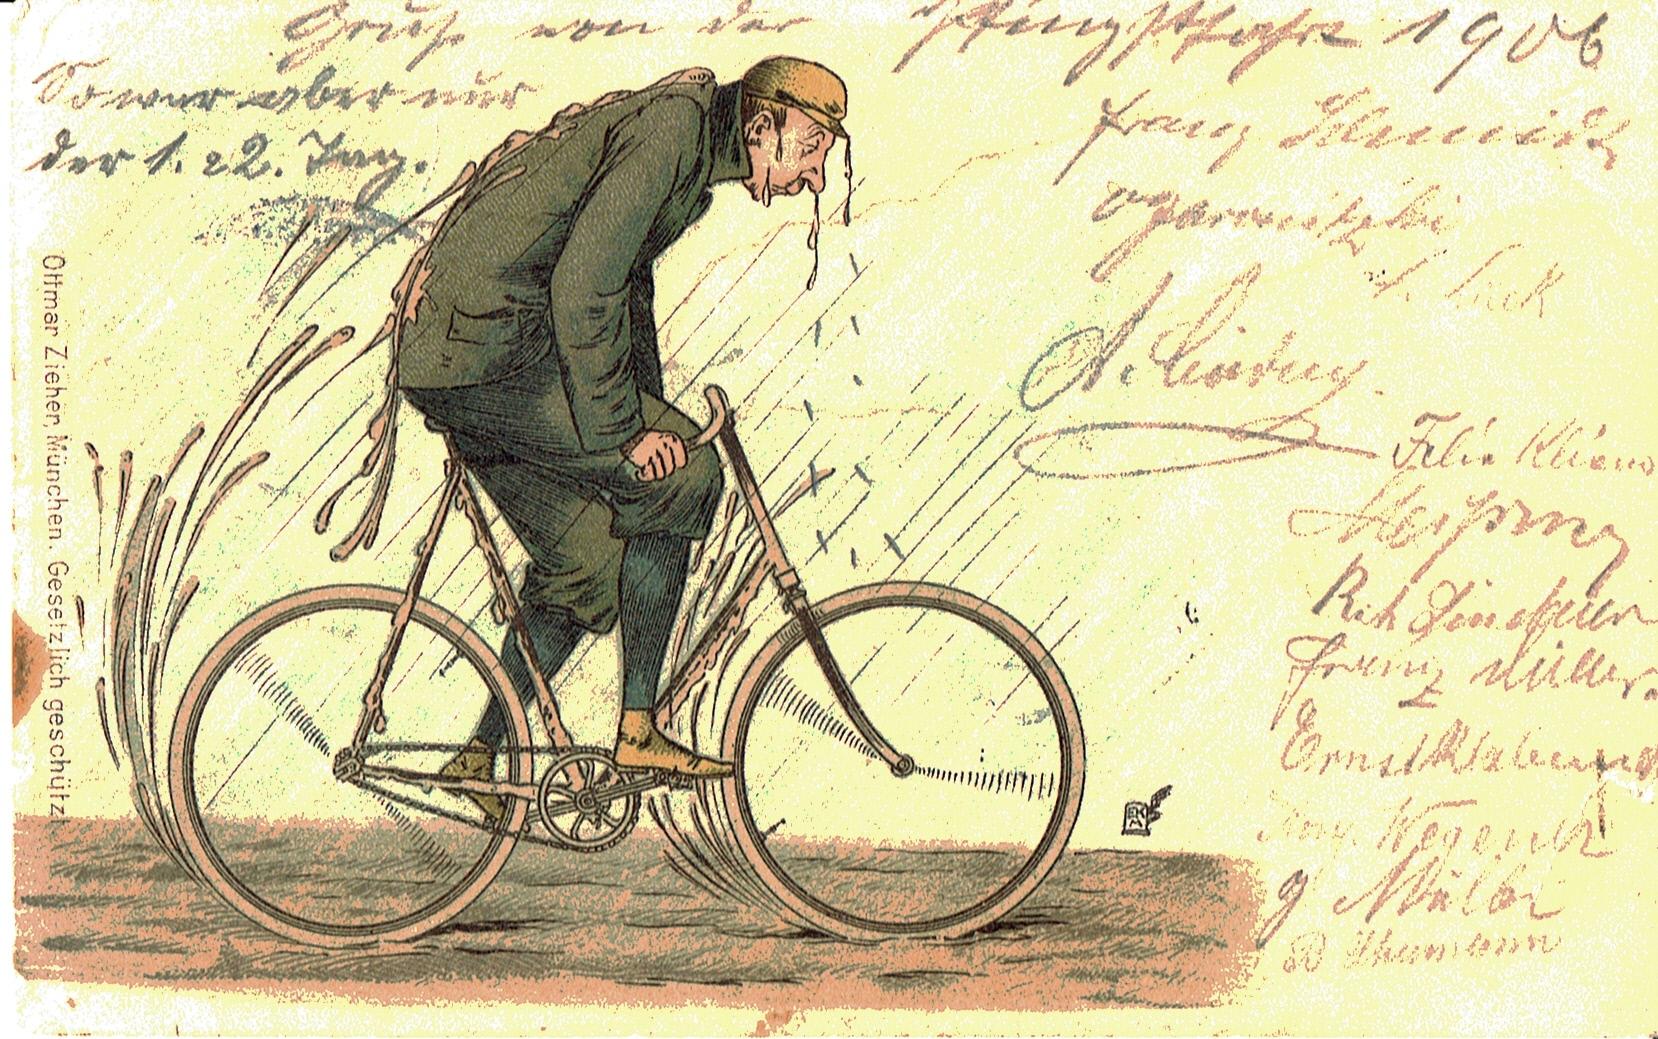 Ein Radfahrer, der (ohne Schutzblech) durch eine schlammige Straße fährt